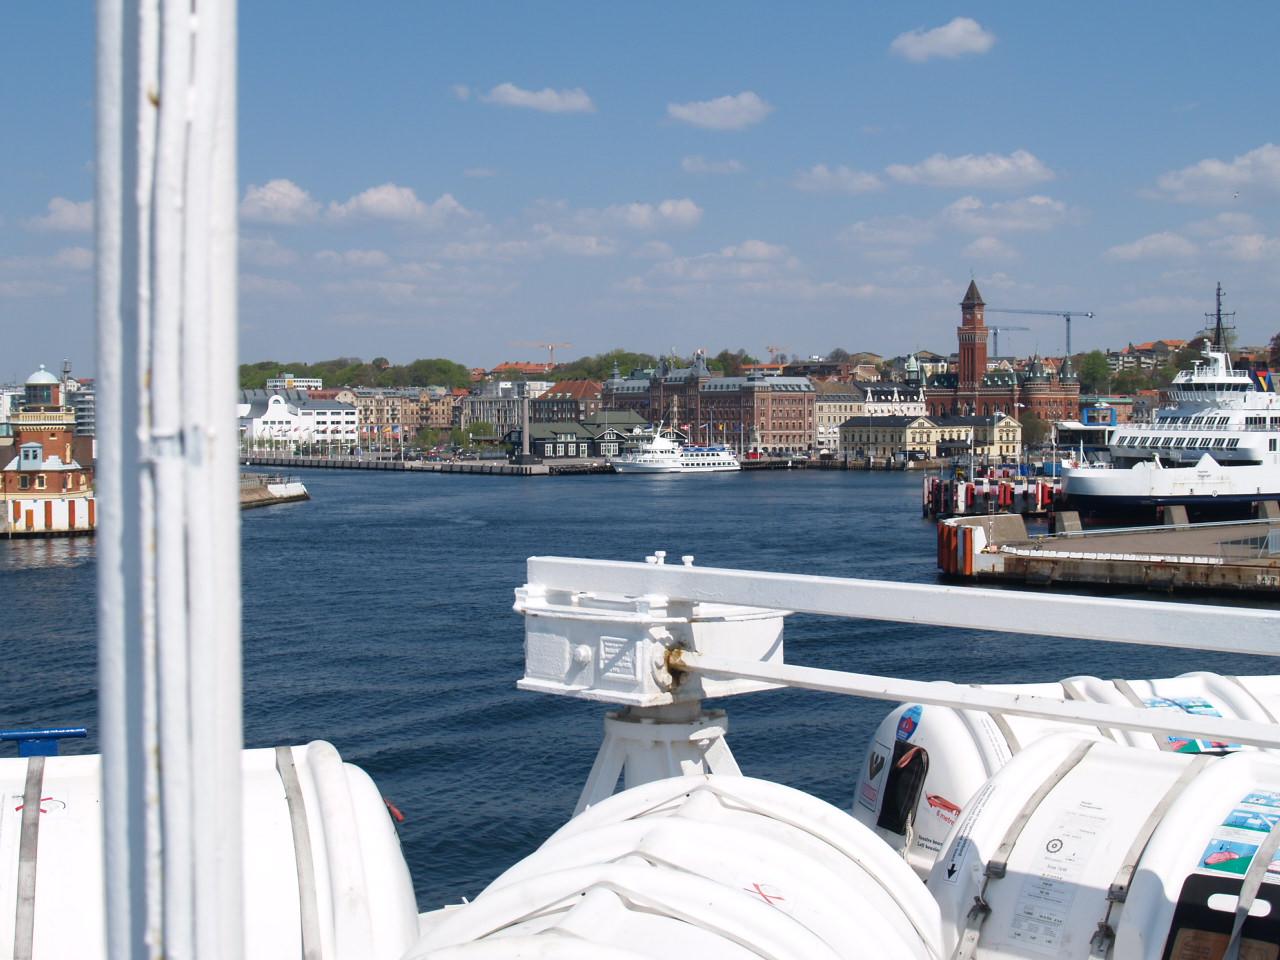 Hbg hamn 0947